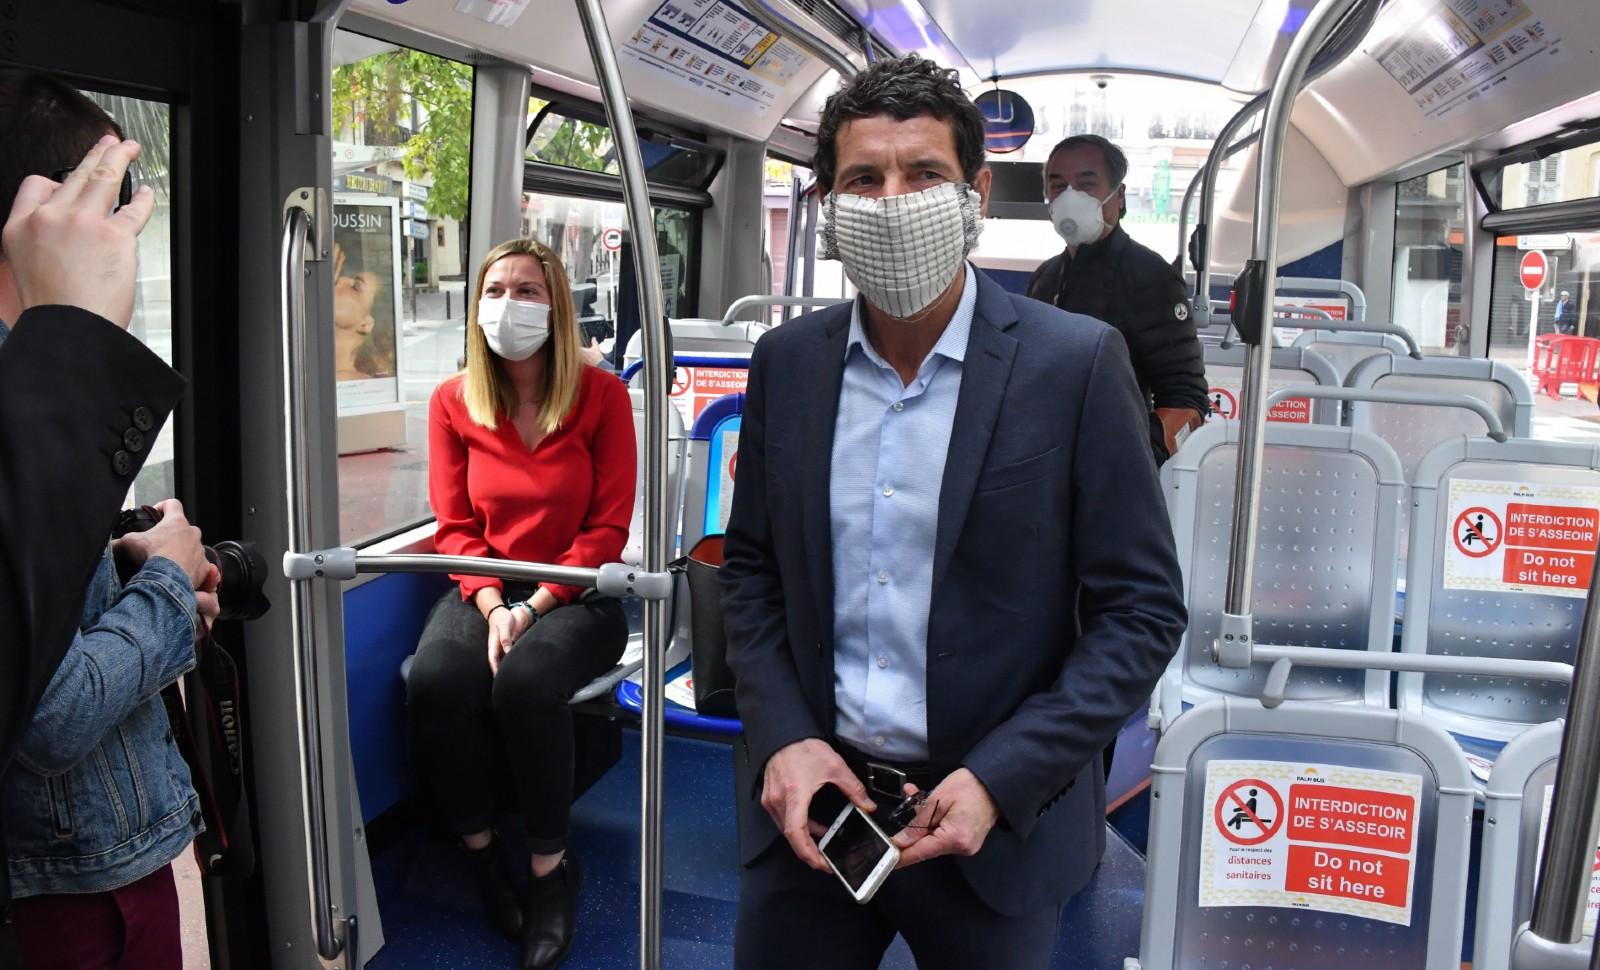 Le maire de Cannes David Lisnard présente un bus témoin de son agglomération à la presse, avril 2020 © Lionel Urman/SIPA Numéro de reportage: 00959290_000016